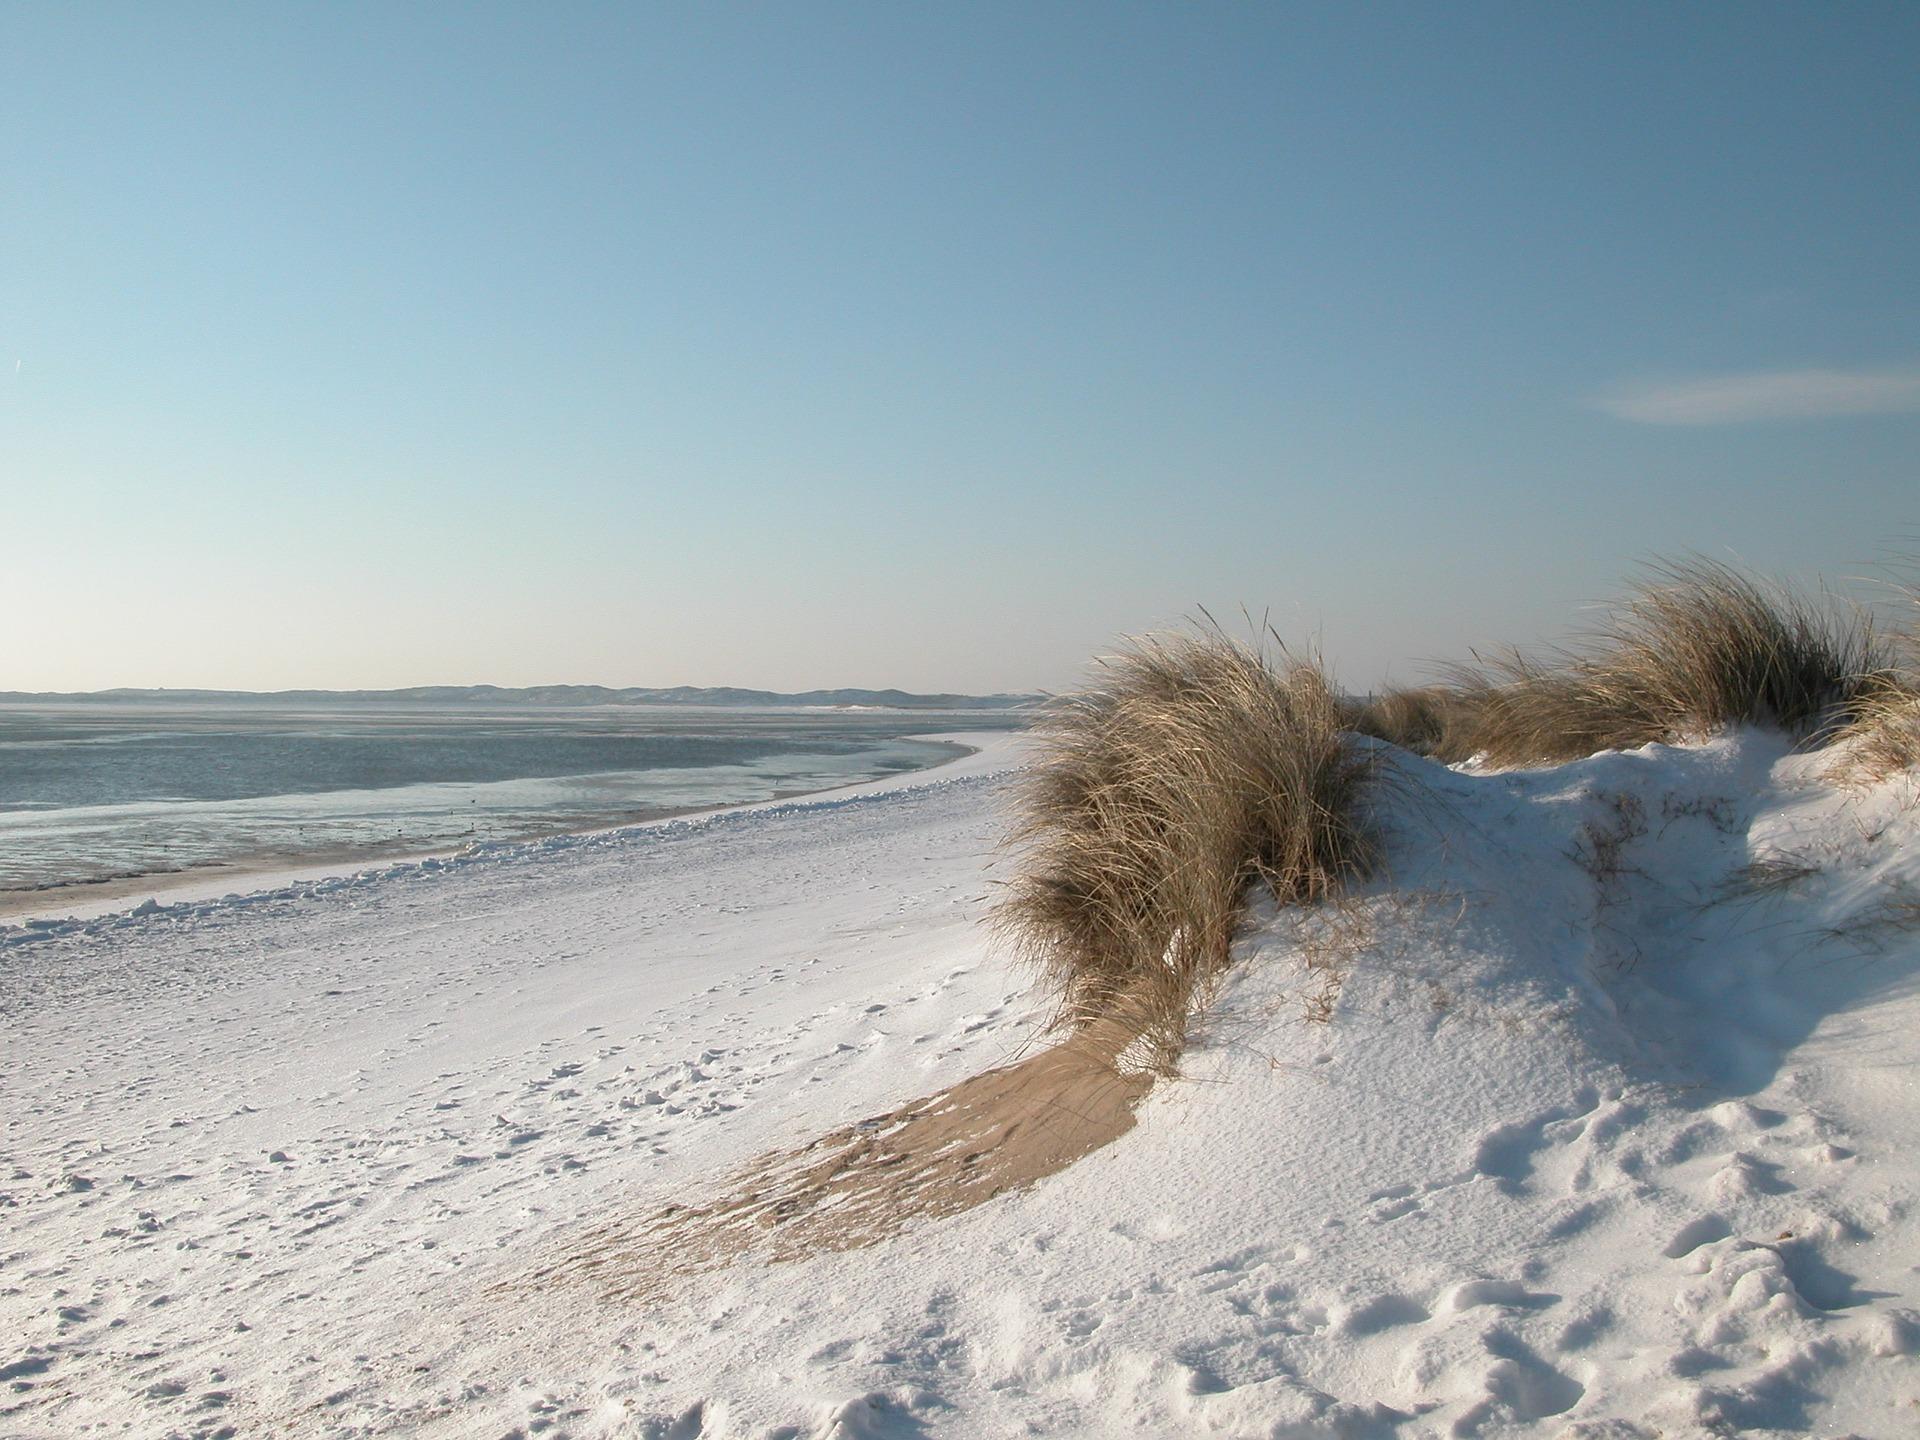 Erlebt die verschiedenen Jahreszeiten und Naturphänomene im Erlebniszentrum auf Sylt